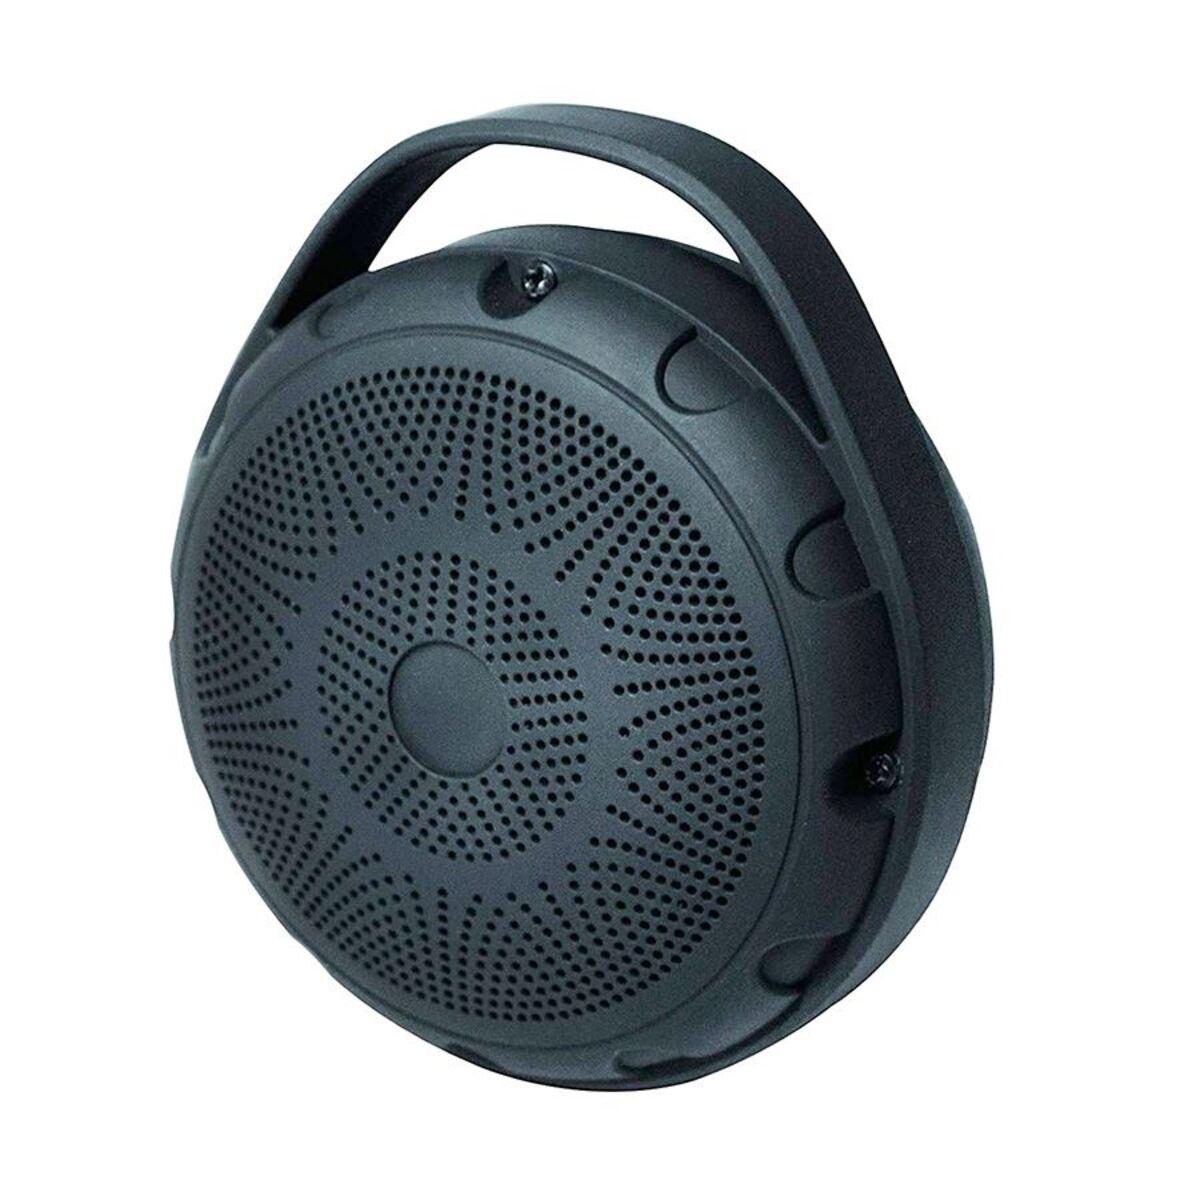 Bild 2 von LogiLink Bluetooth-Lautsprecher SP0050